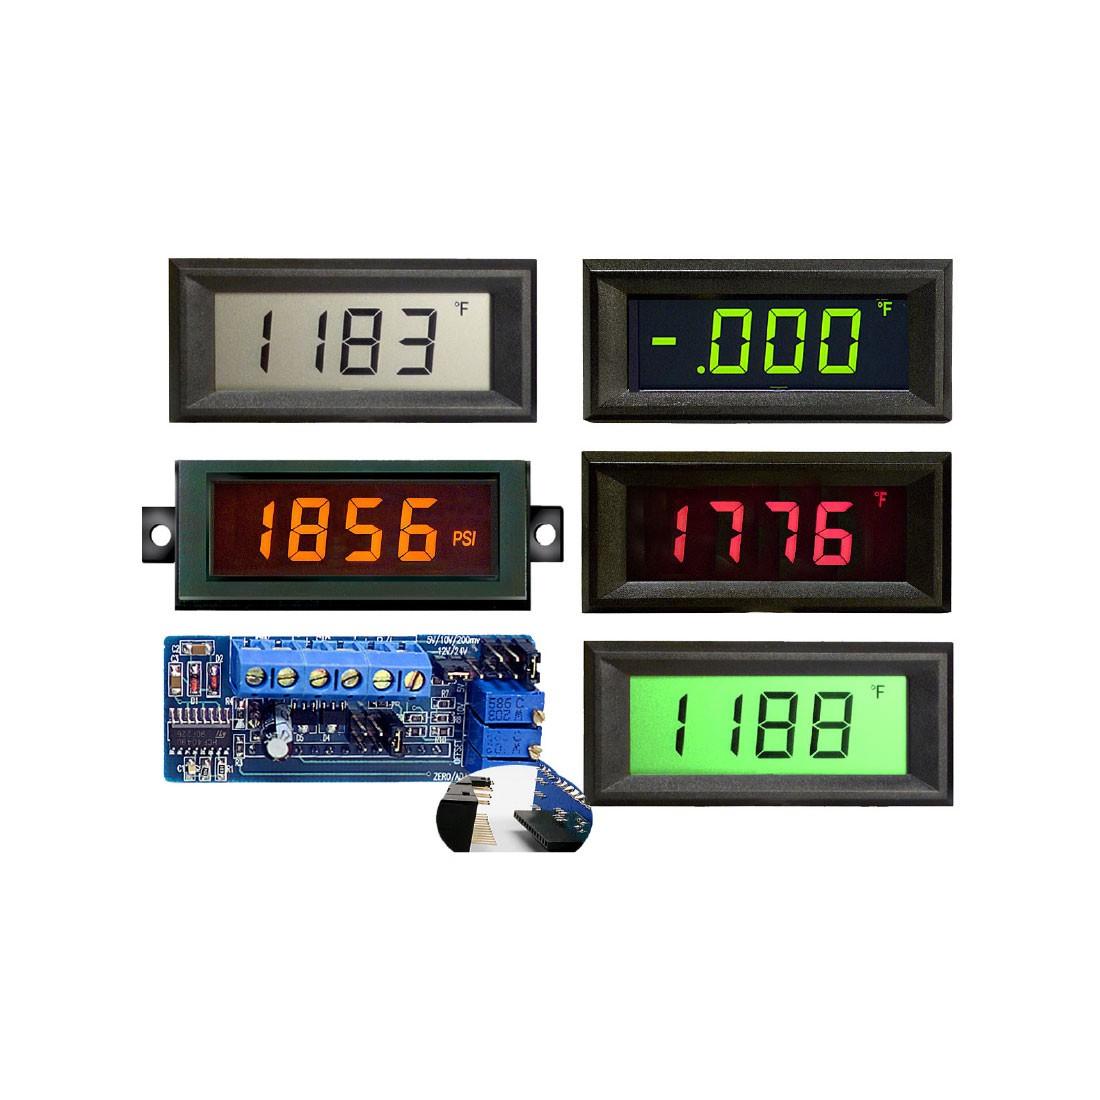 HVPI-3E Series LCD Digital Panel Meter